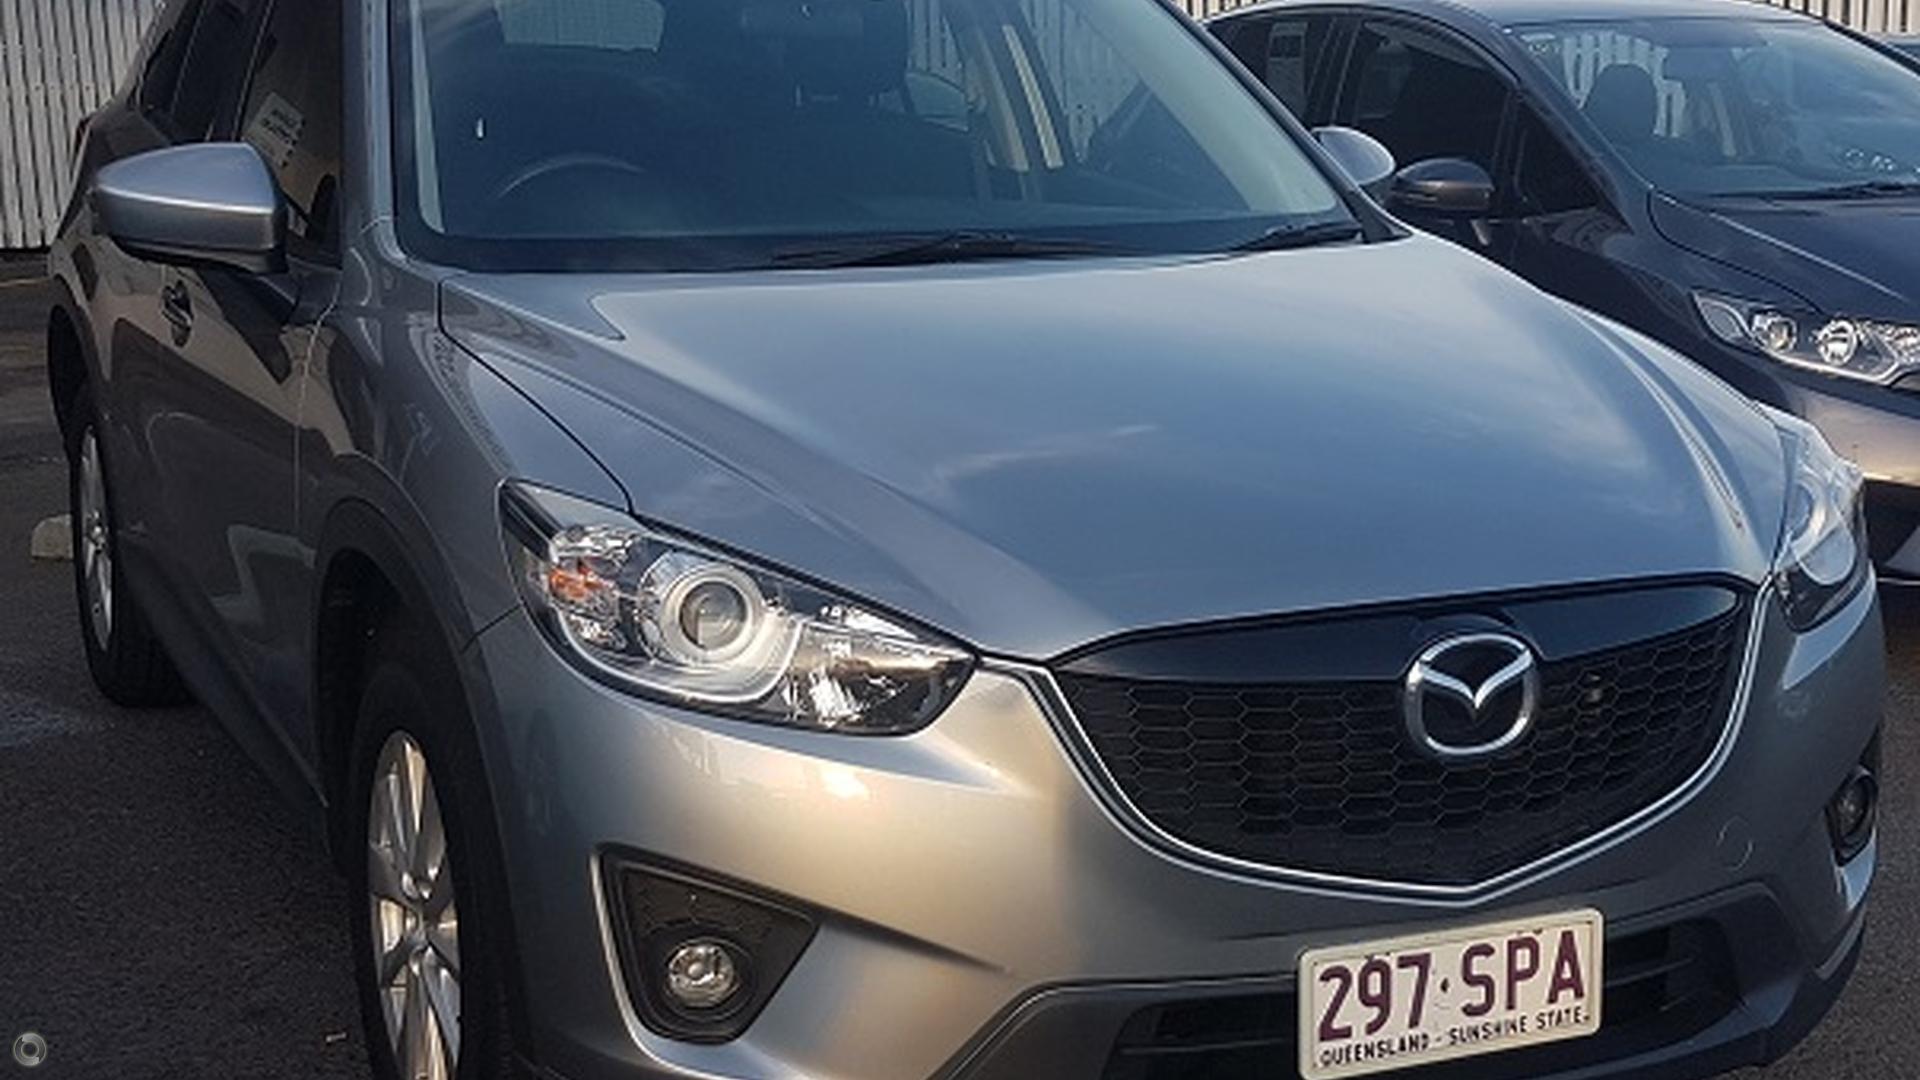 2012 Mazda Cx-5 Maxx Sport